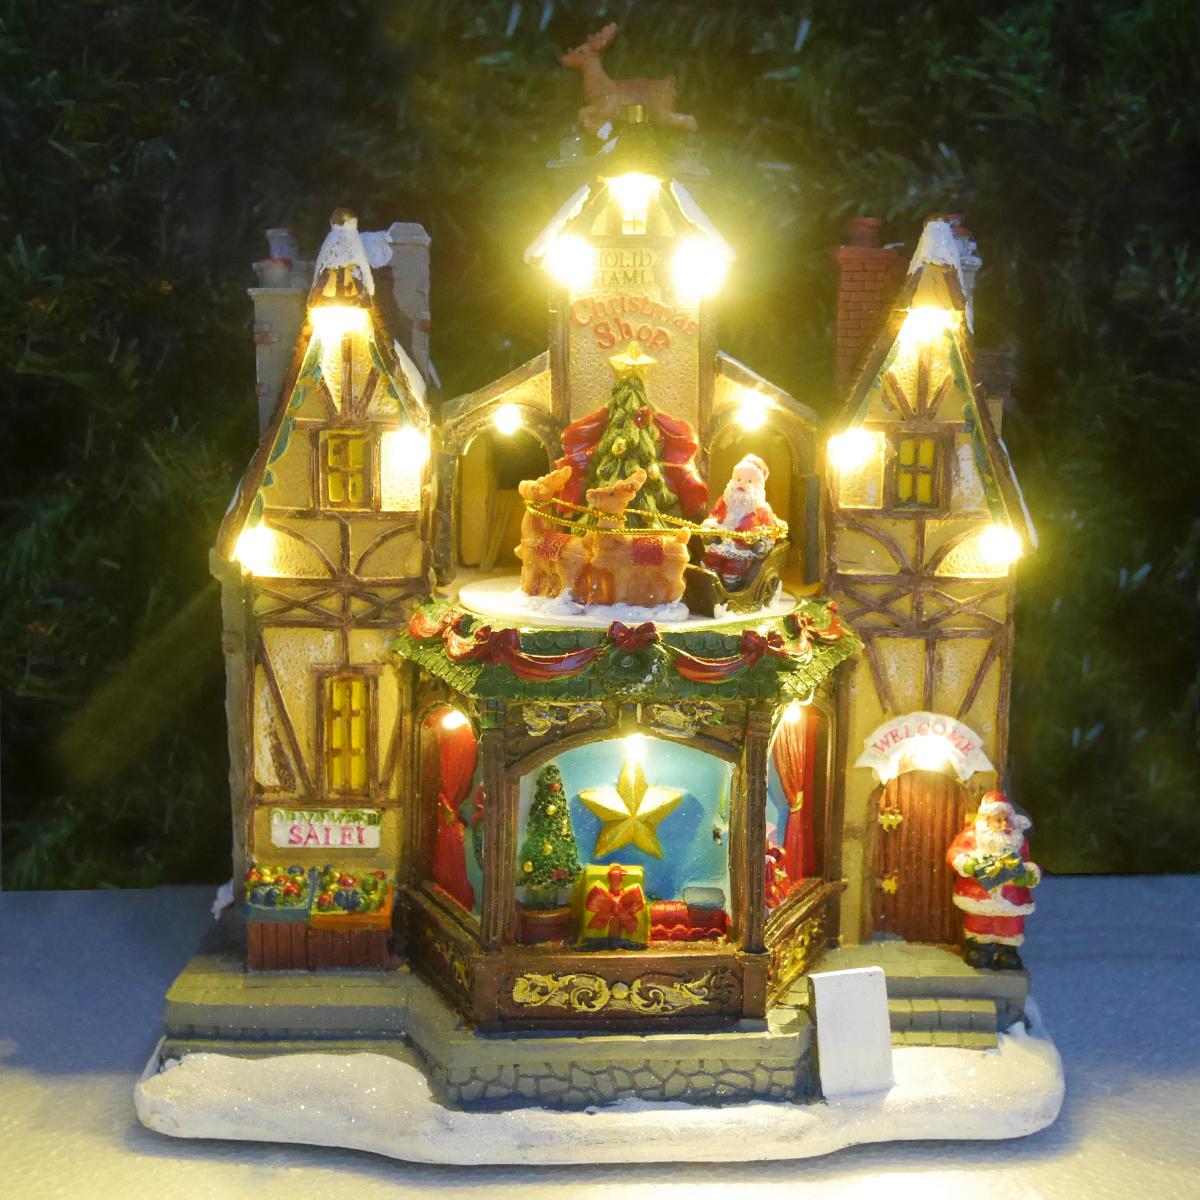 クリスマス イルミネーション ジオラマ オールドビレッジ クリスマスショップ プレゼント トナカイ 回るサンタ ツリー 照明 JM-03